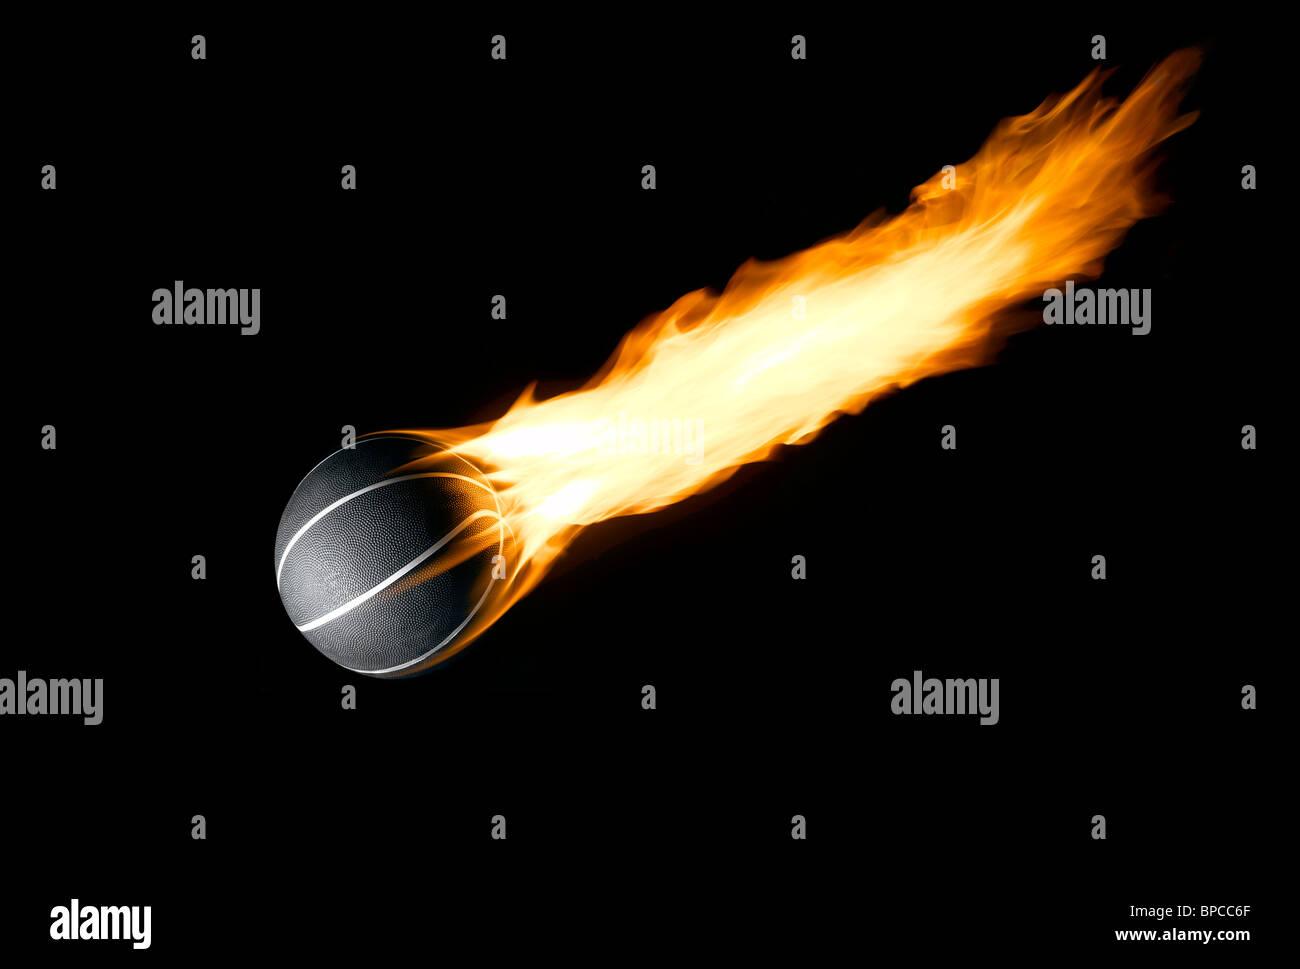 Un terrain de basket-ball avec une queue comme une comète Photo Stock